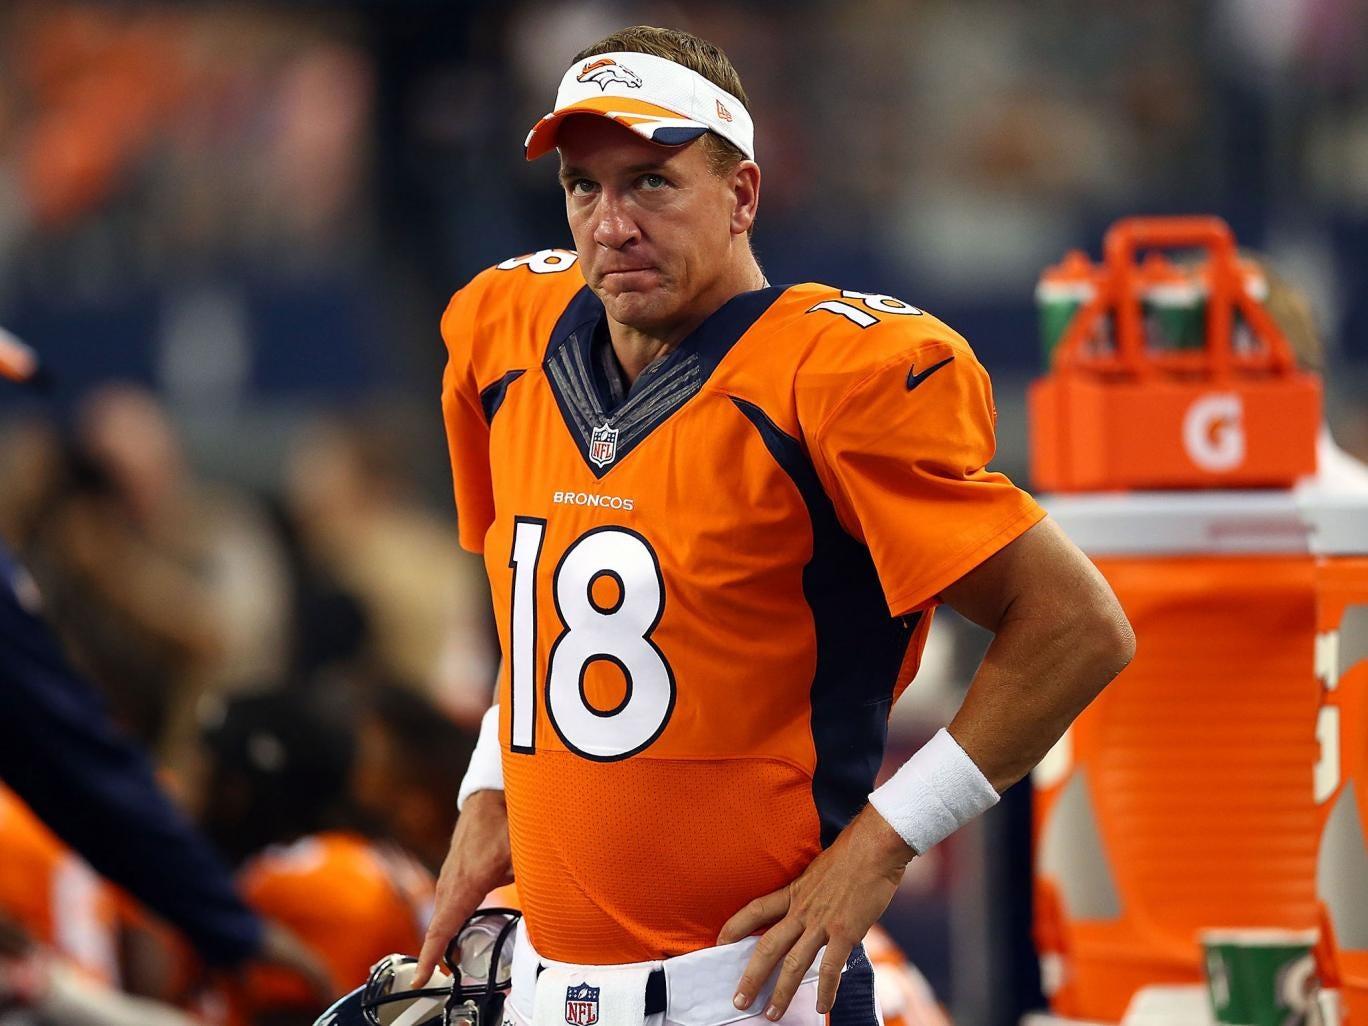 Denver Broncos quarter-back Peyton Manning